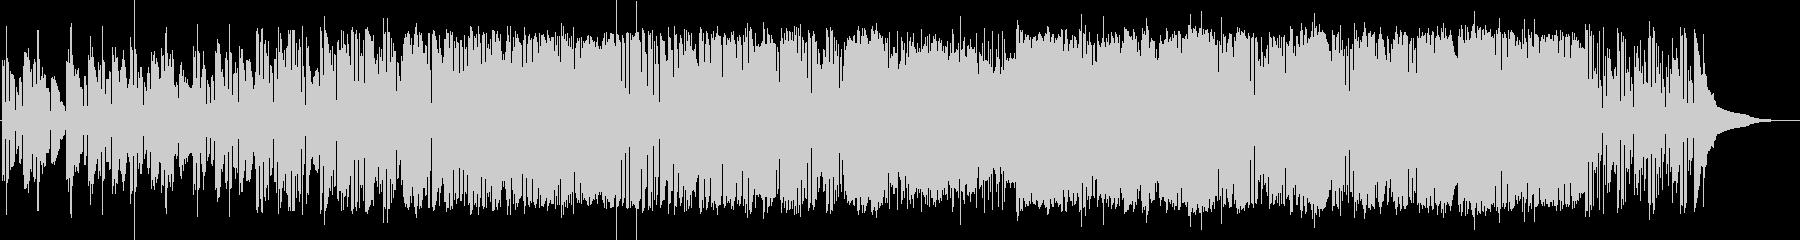 ドラムンベースロック。重いタテノリロックの未再生の波形